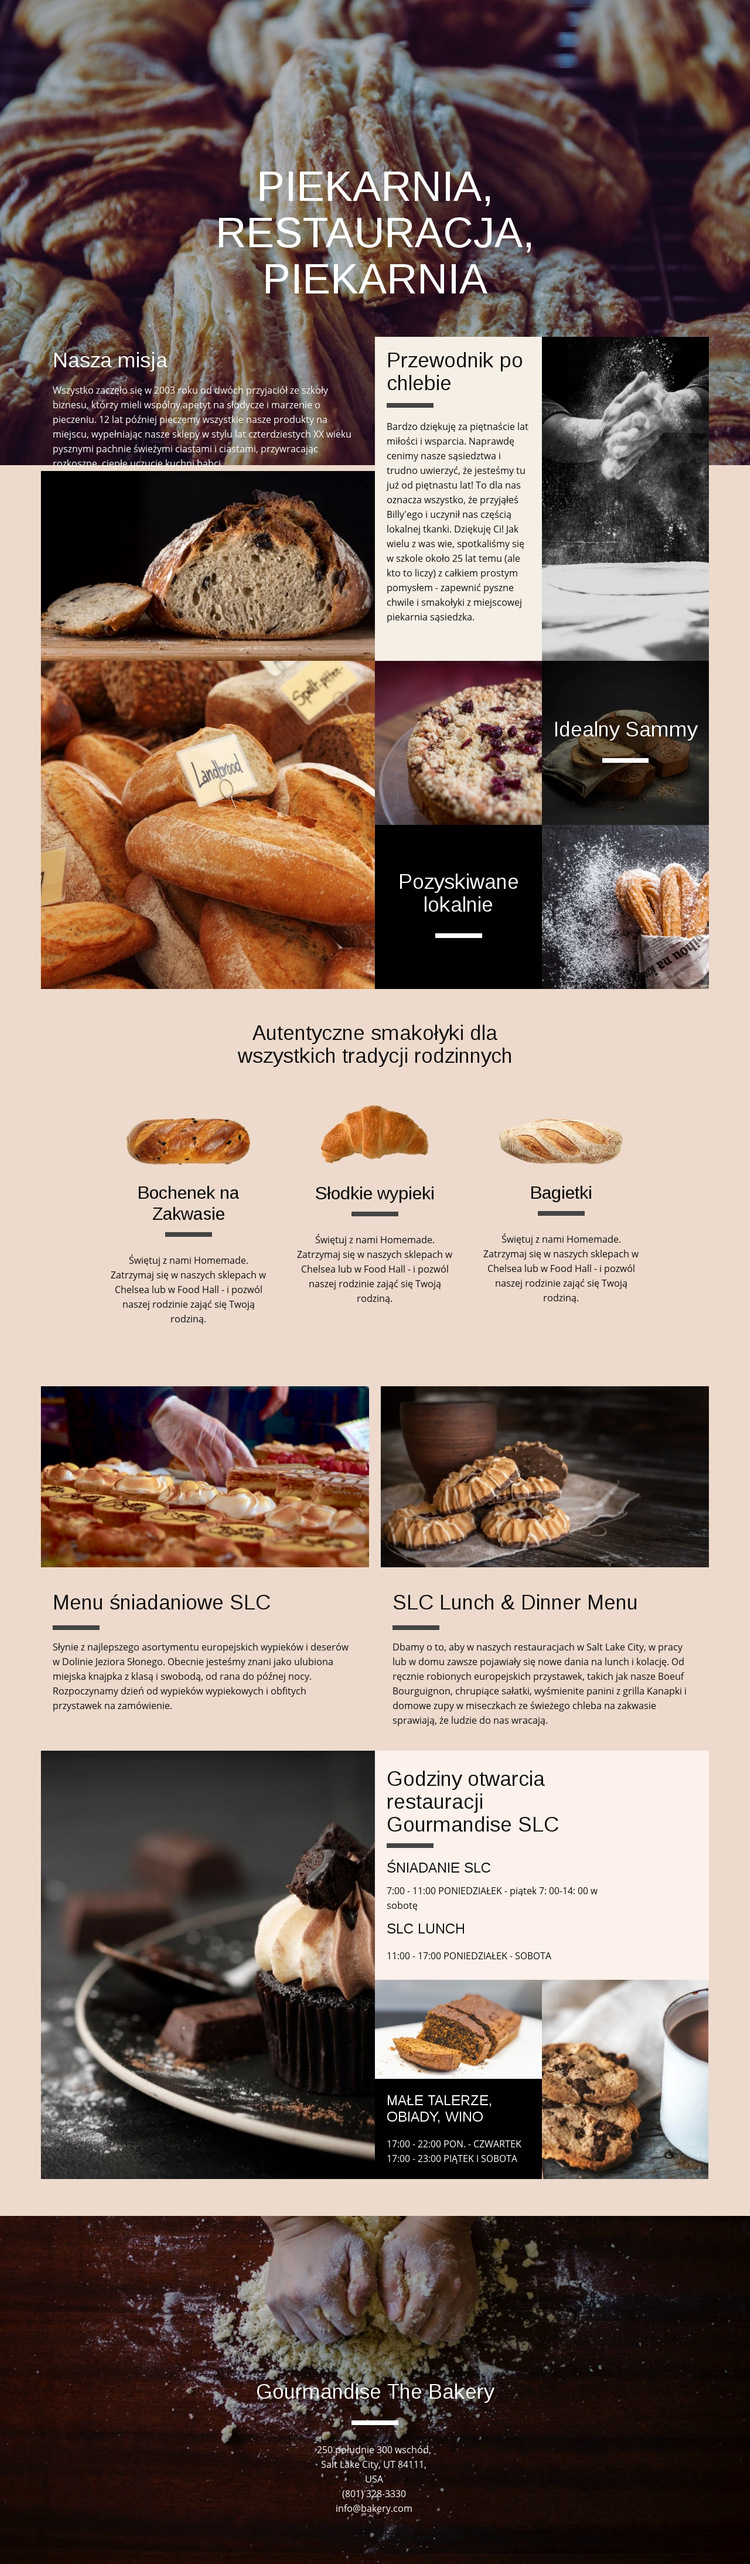 Piekarnia Szablon witryny sieci Web